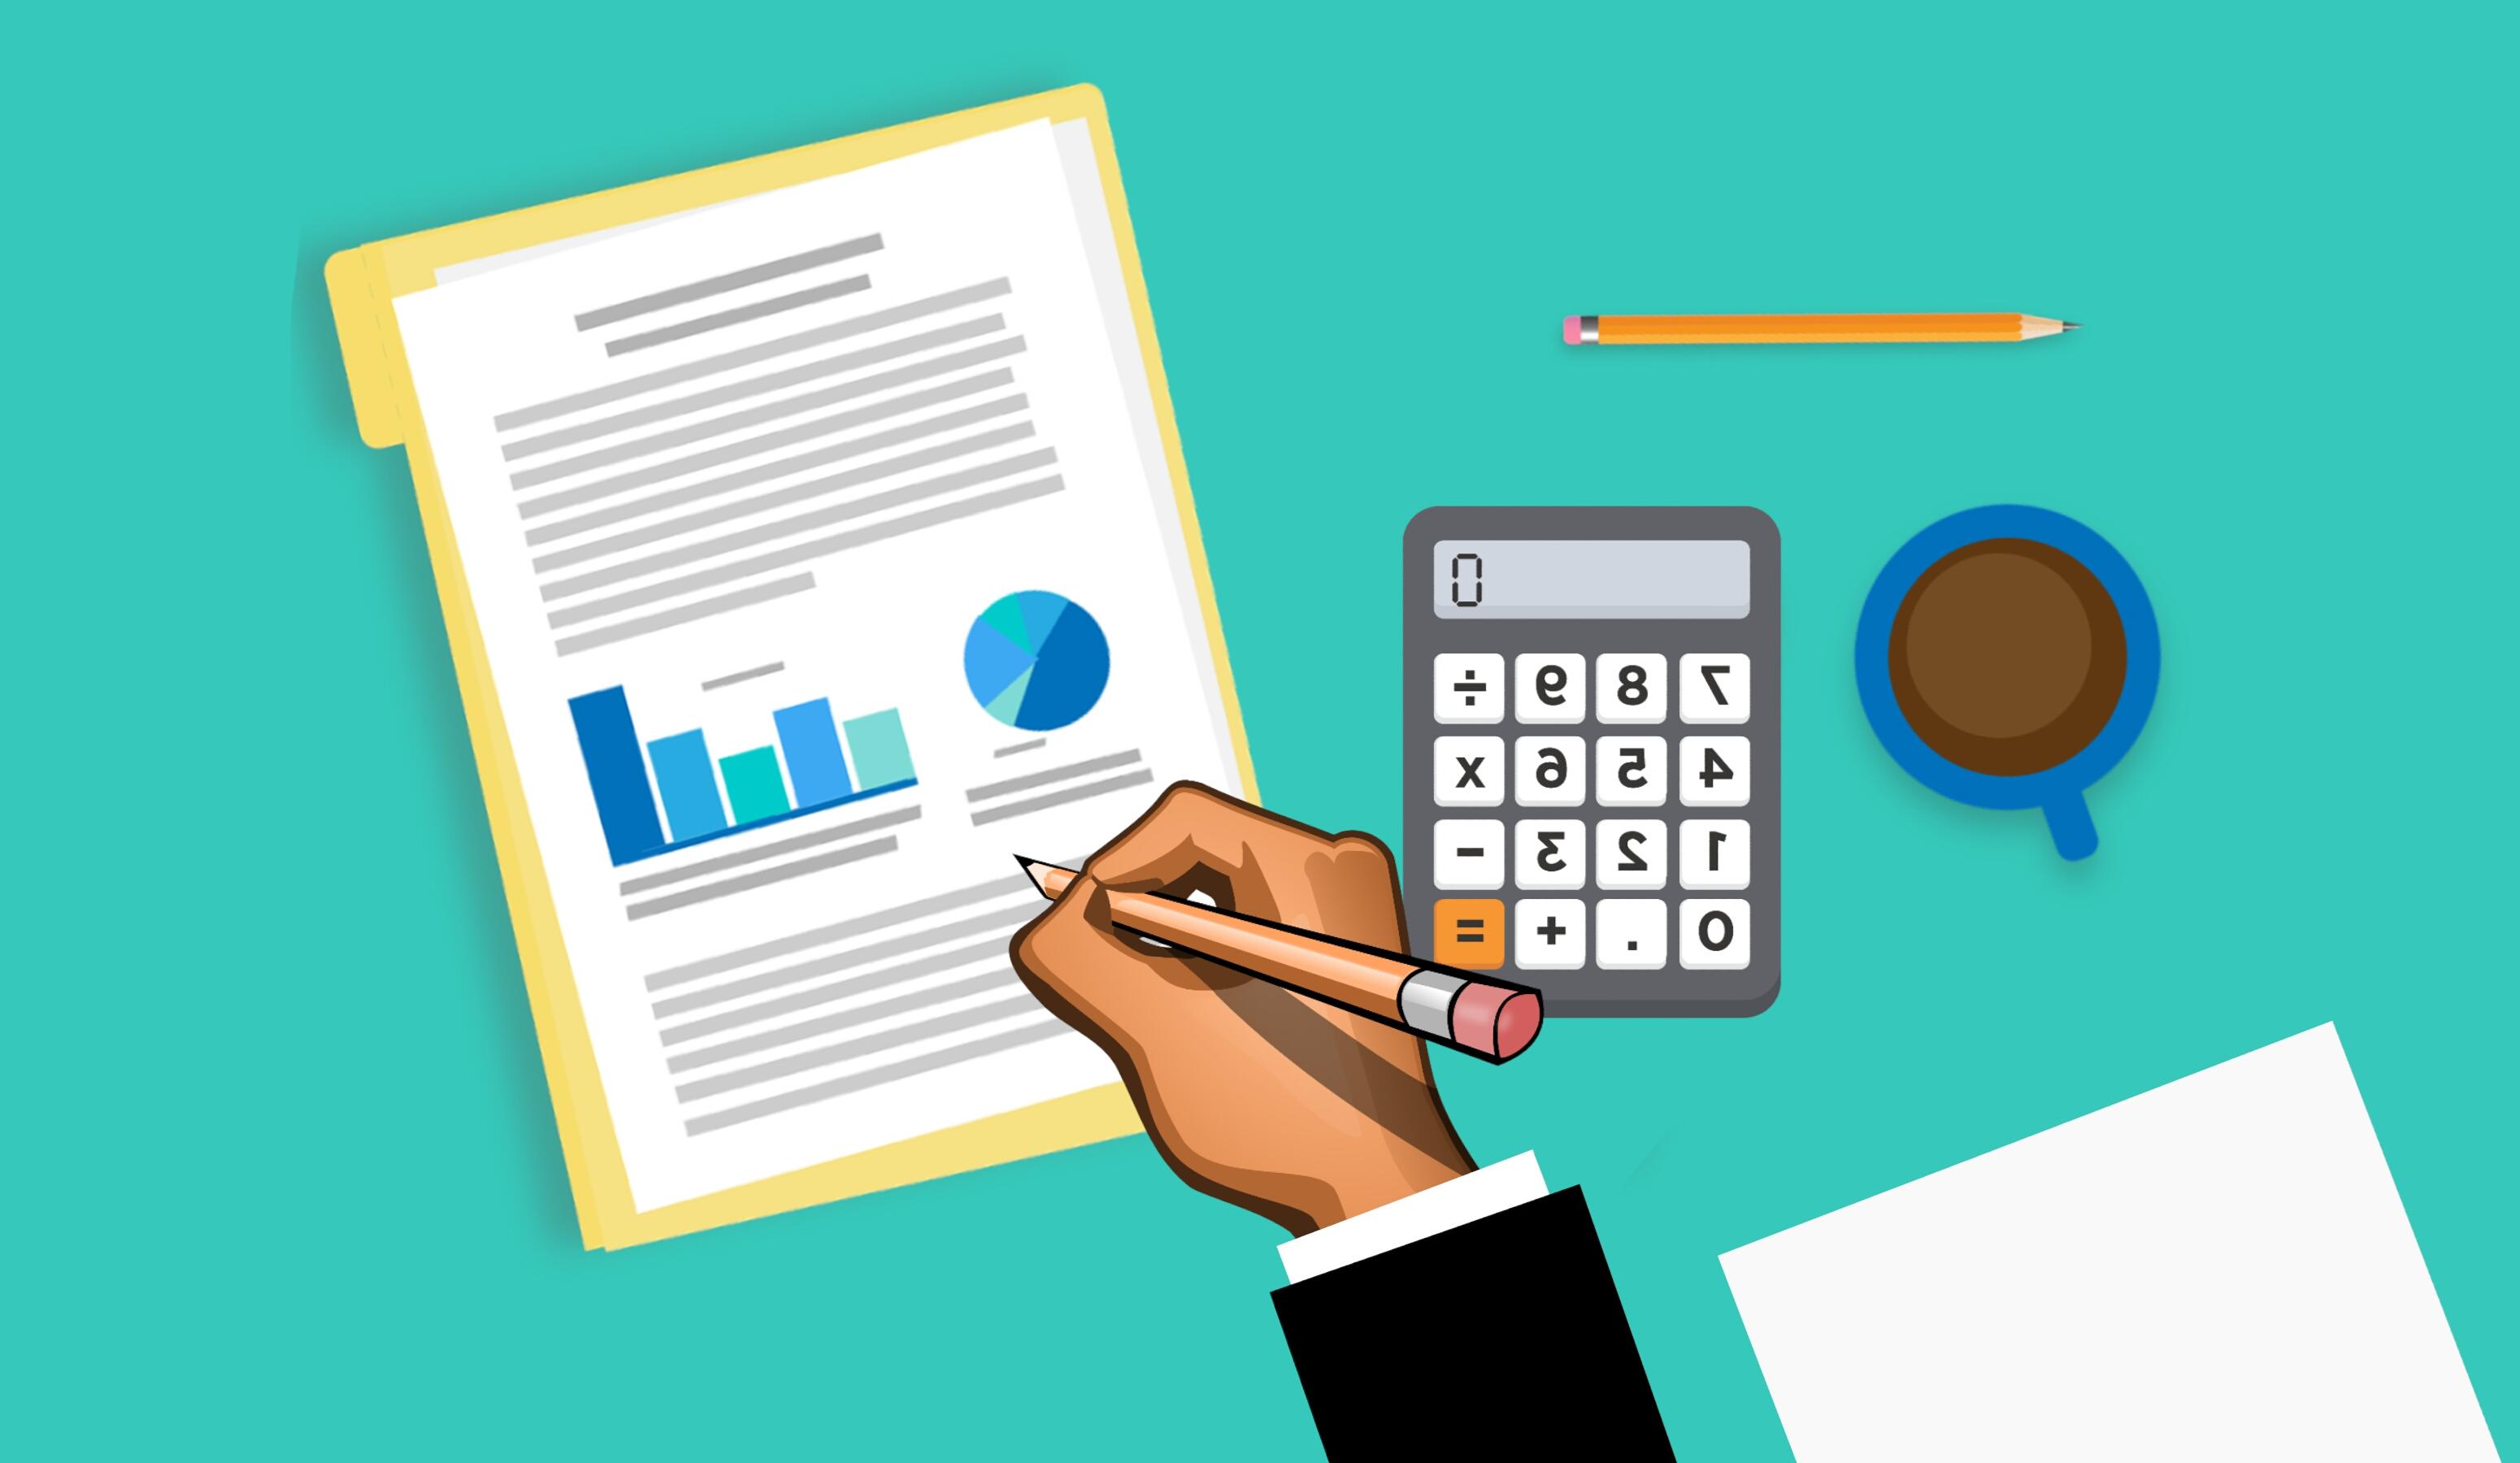 Foto de stock gratuita sobre actuación, administración, análisis de los  datos